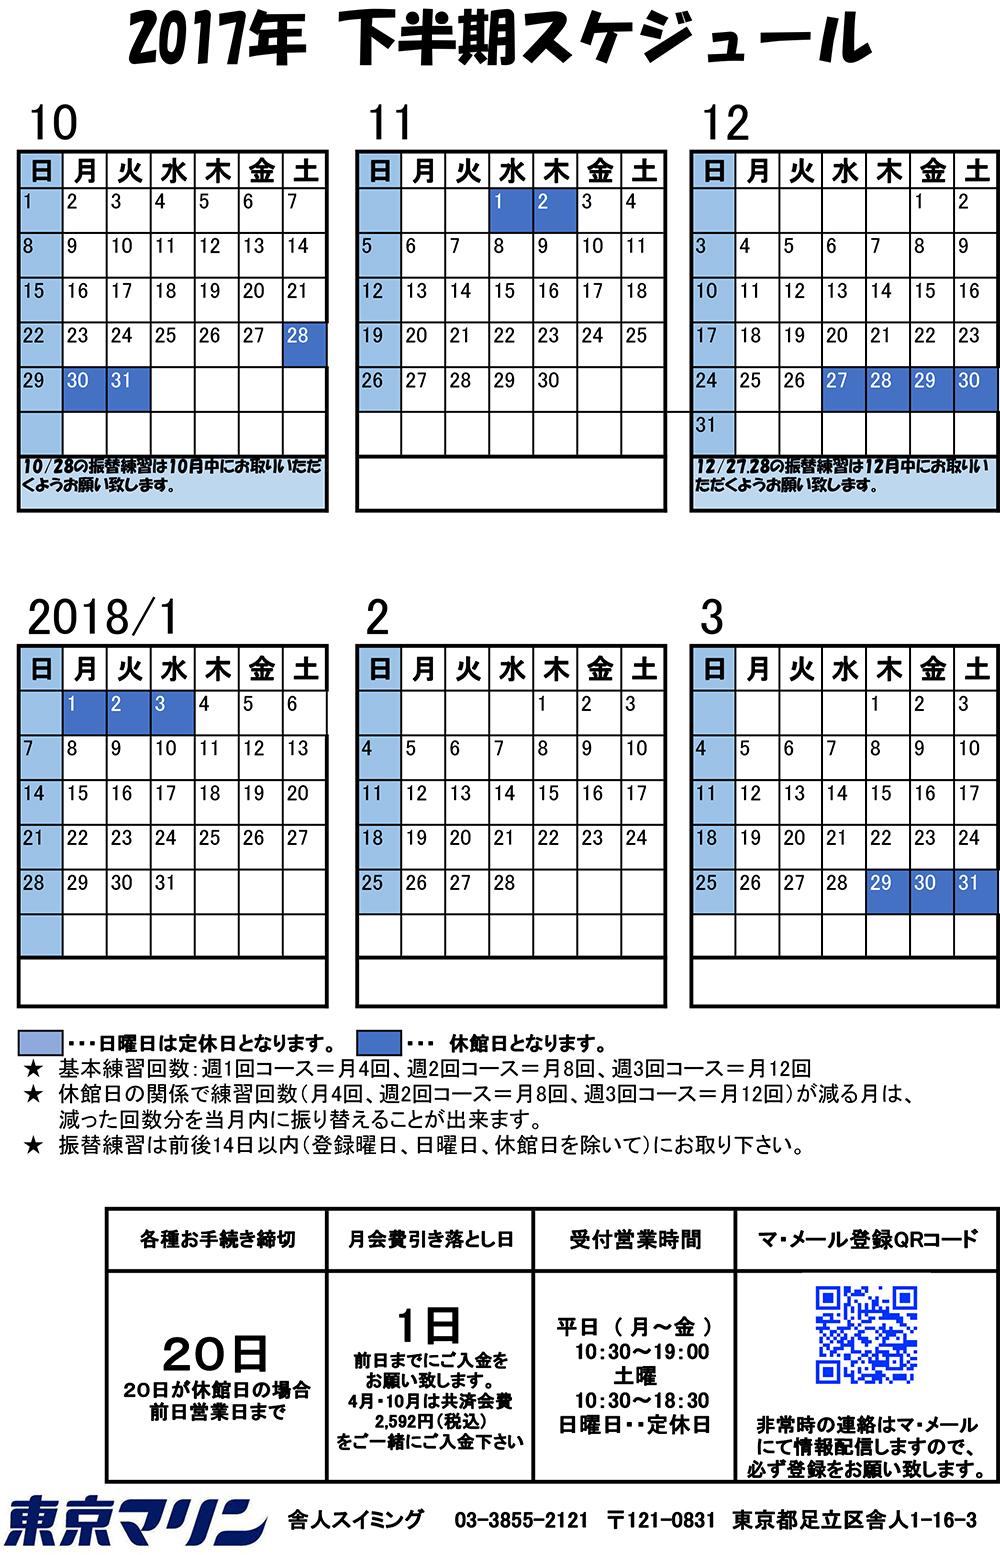 2016年度上半期スケジュール」掲載!!